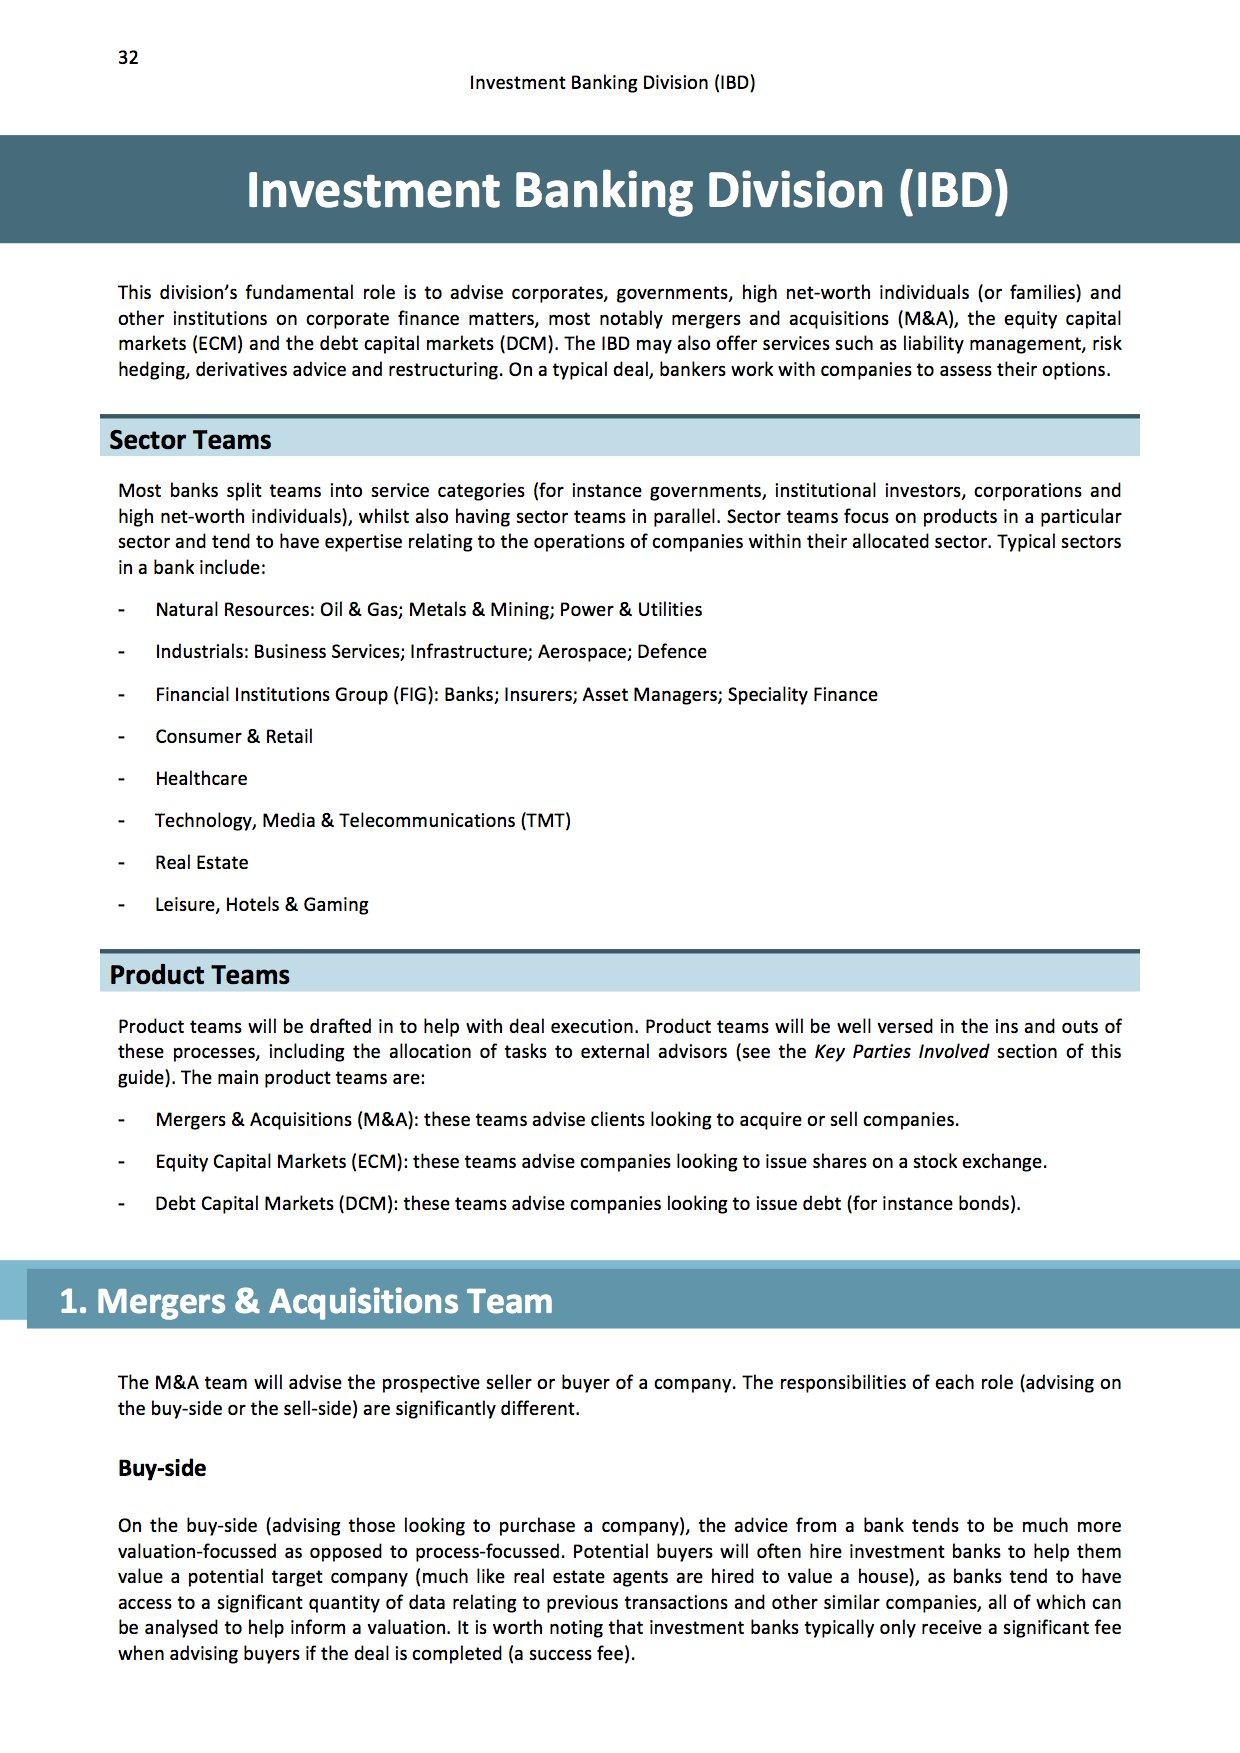 Investment Banking Handbook - 2019: Amazon co uk: Jake